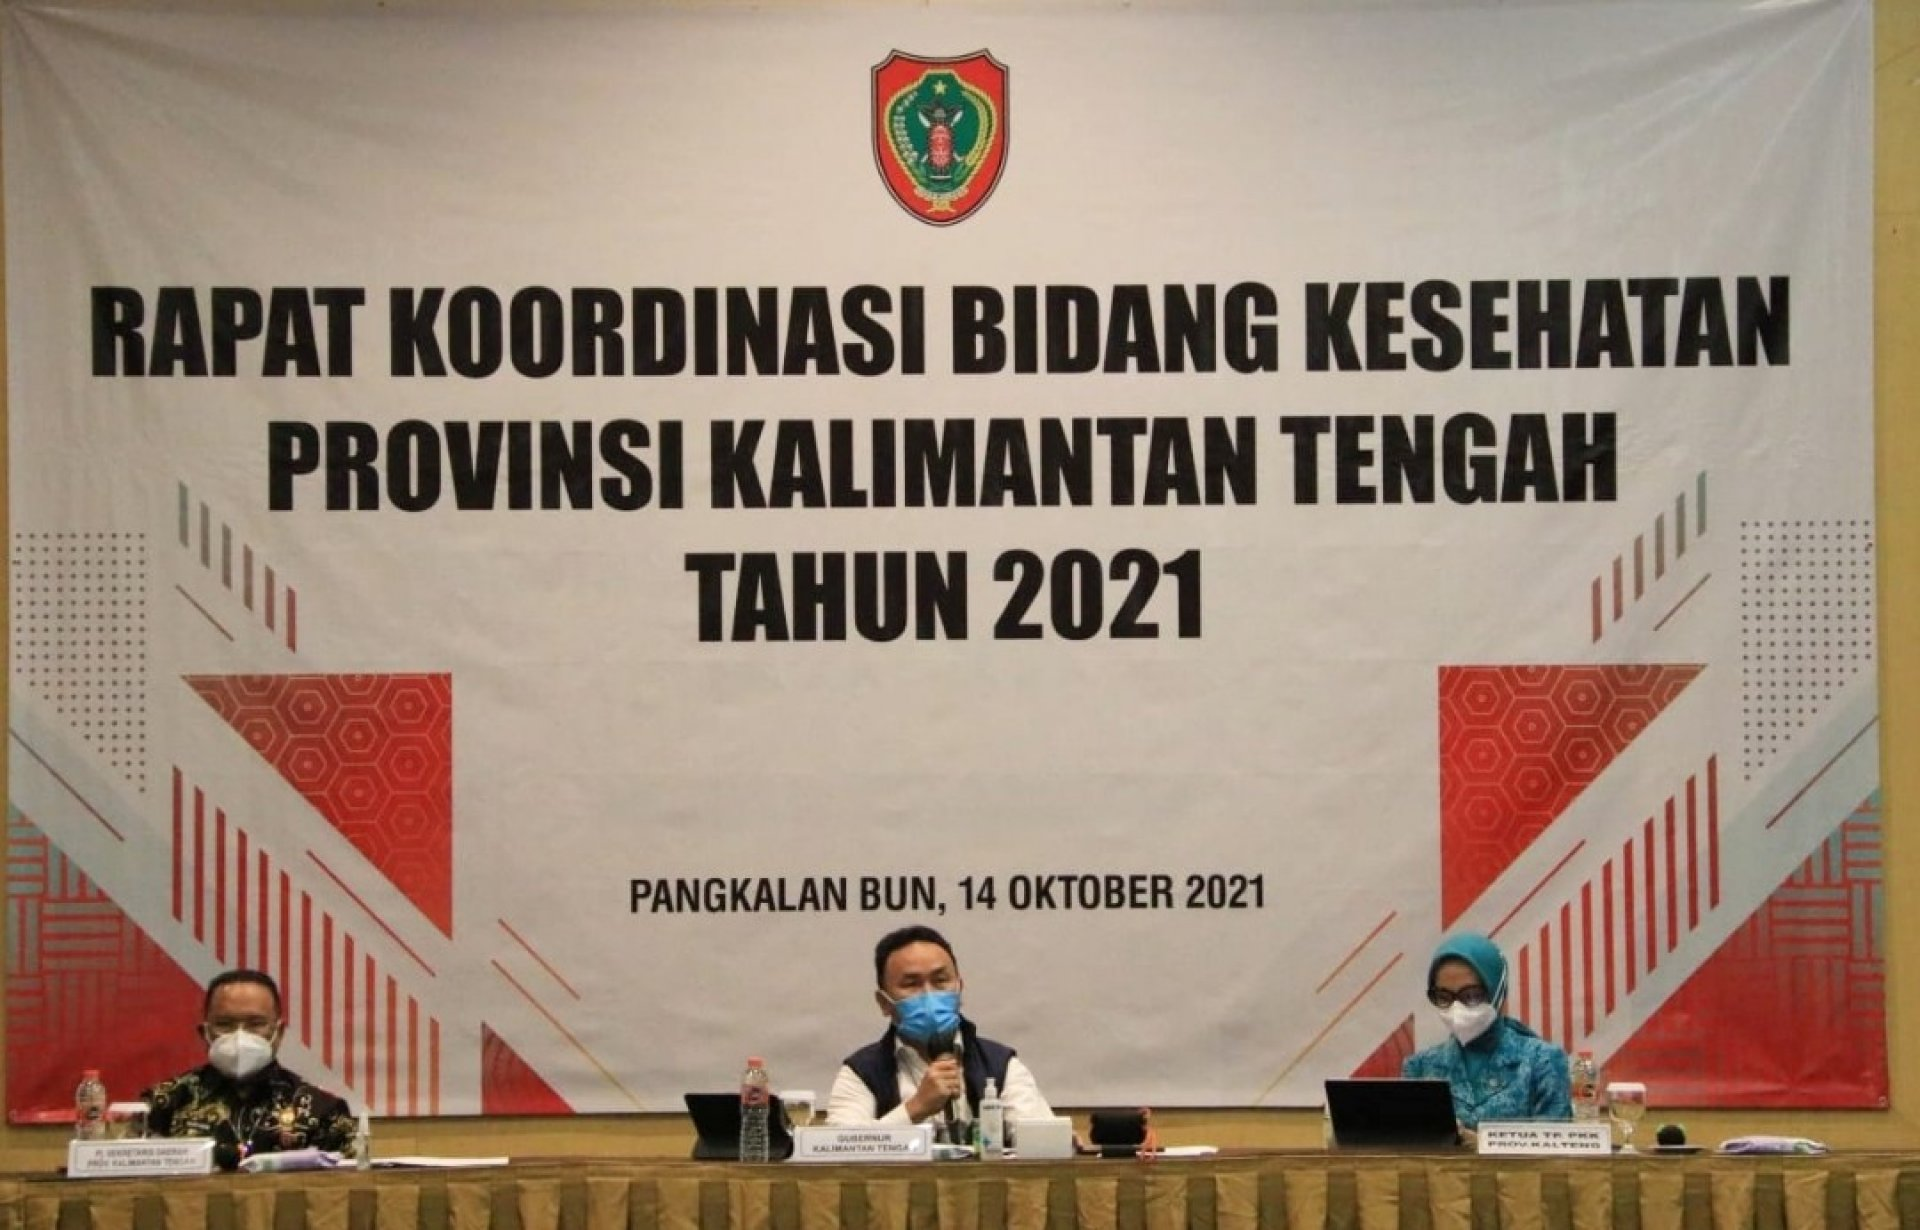 Hadiri Rakorbidkes, Gubernur Kalteng: Tingkatkan Sinergisitas dan Mutu Layanan Kesehatan Bagi Masyarakat